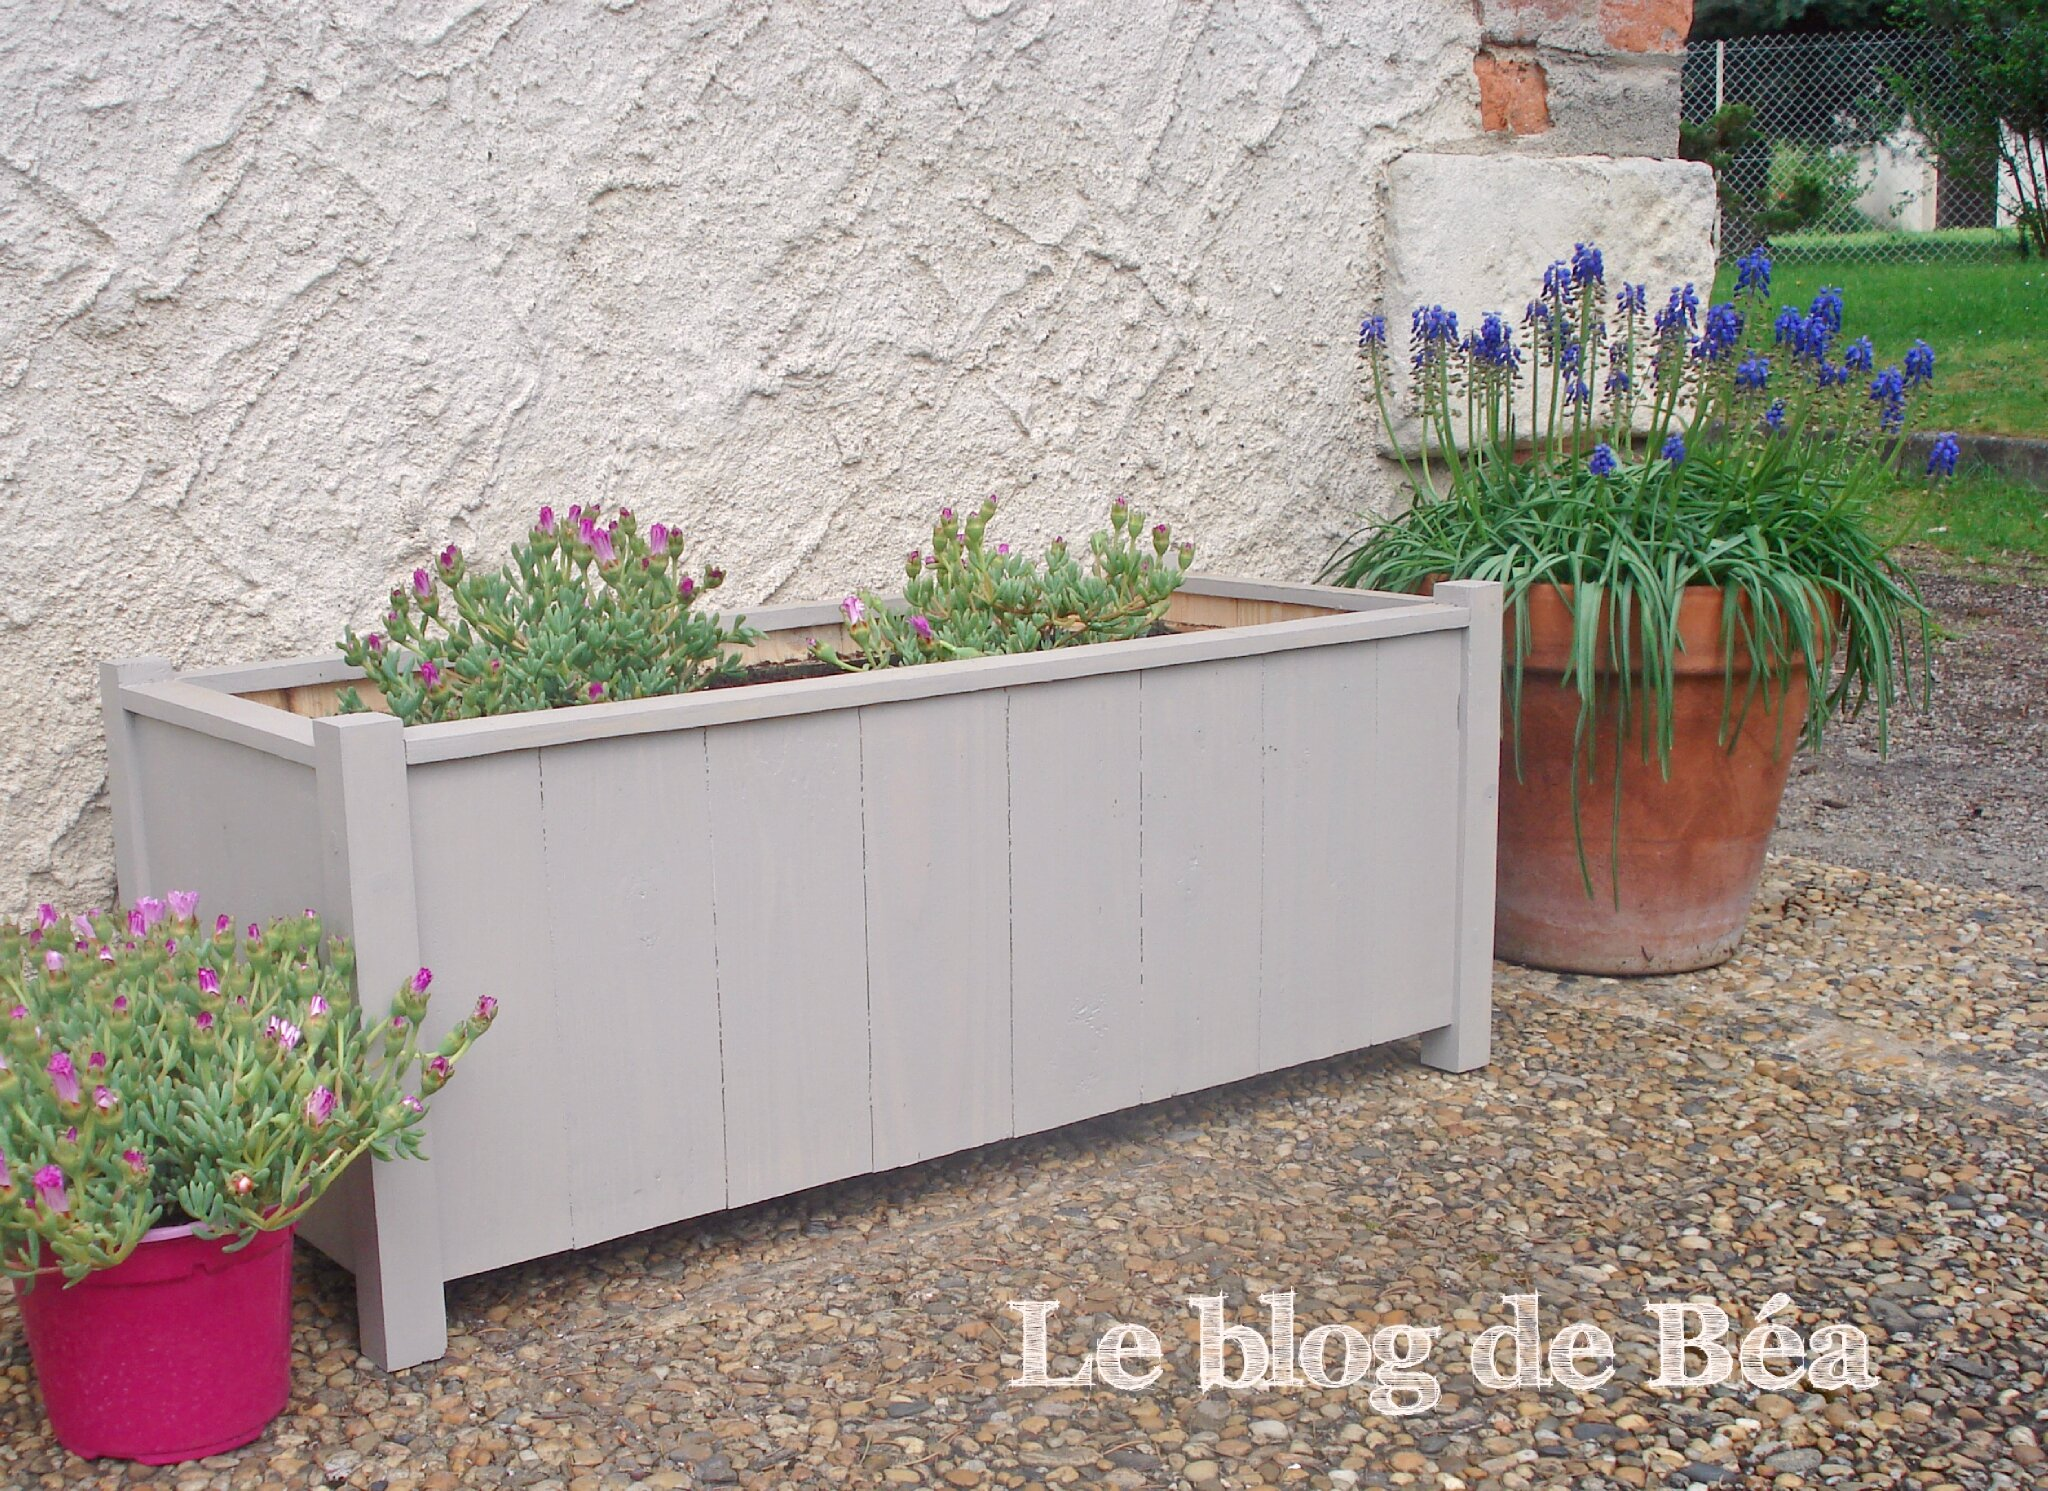 Diy jardini re en planches de palette et tasseaux le for Jardiniere hauteur 1 metre